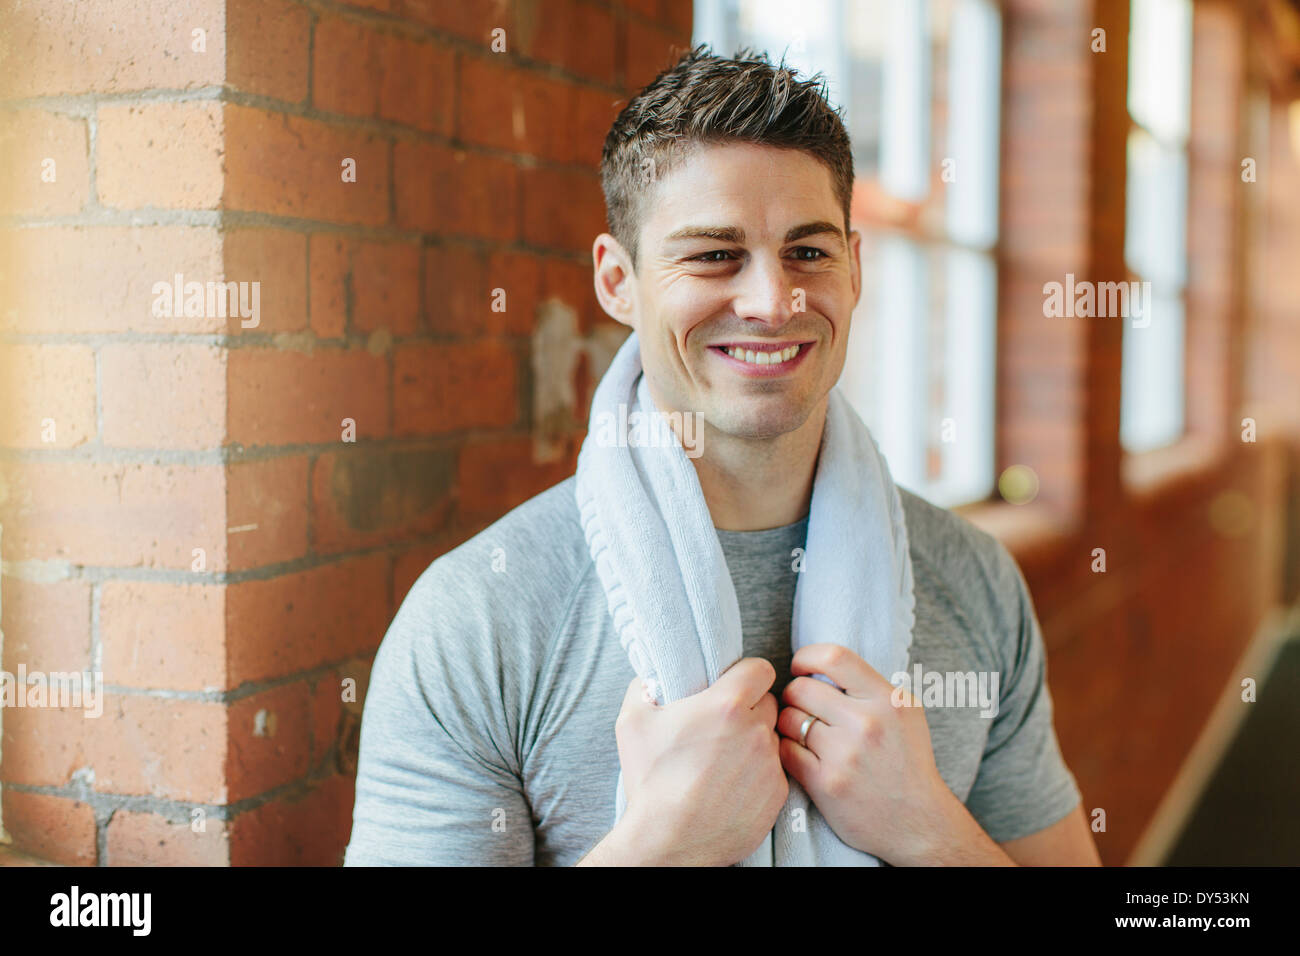 El hombre en el gimnasio con una toalla alrededor del cuello Imagen De Stock